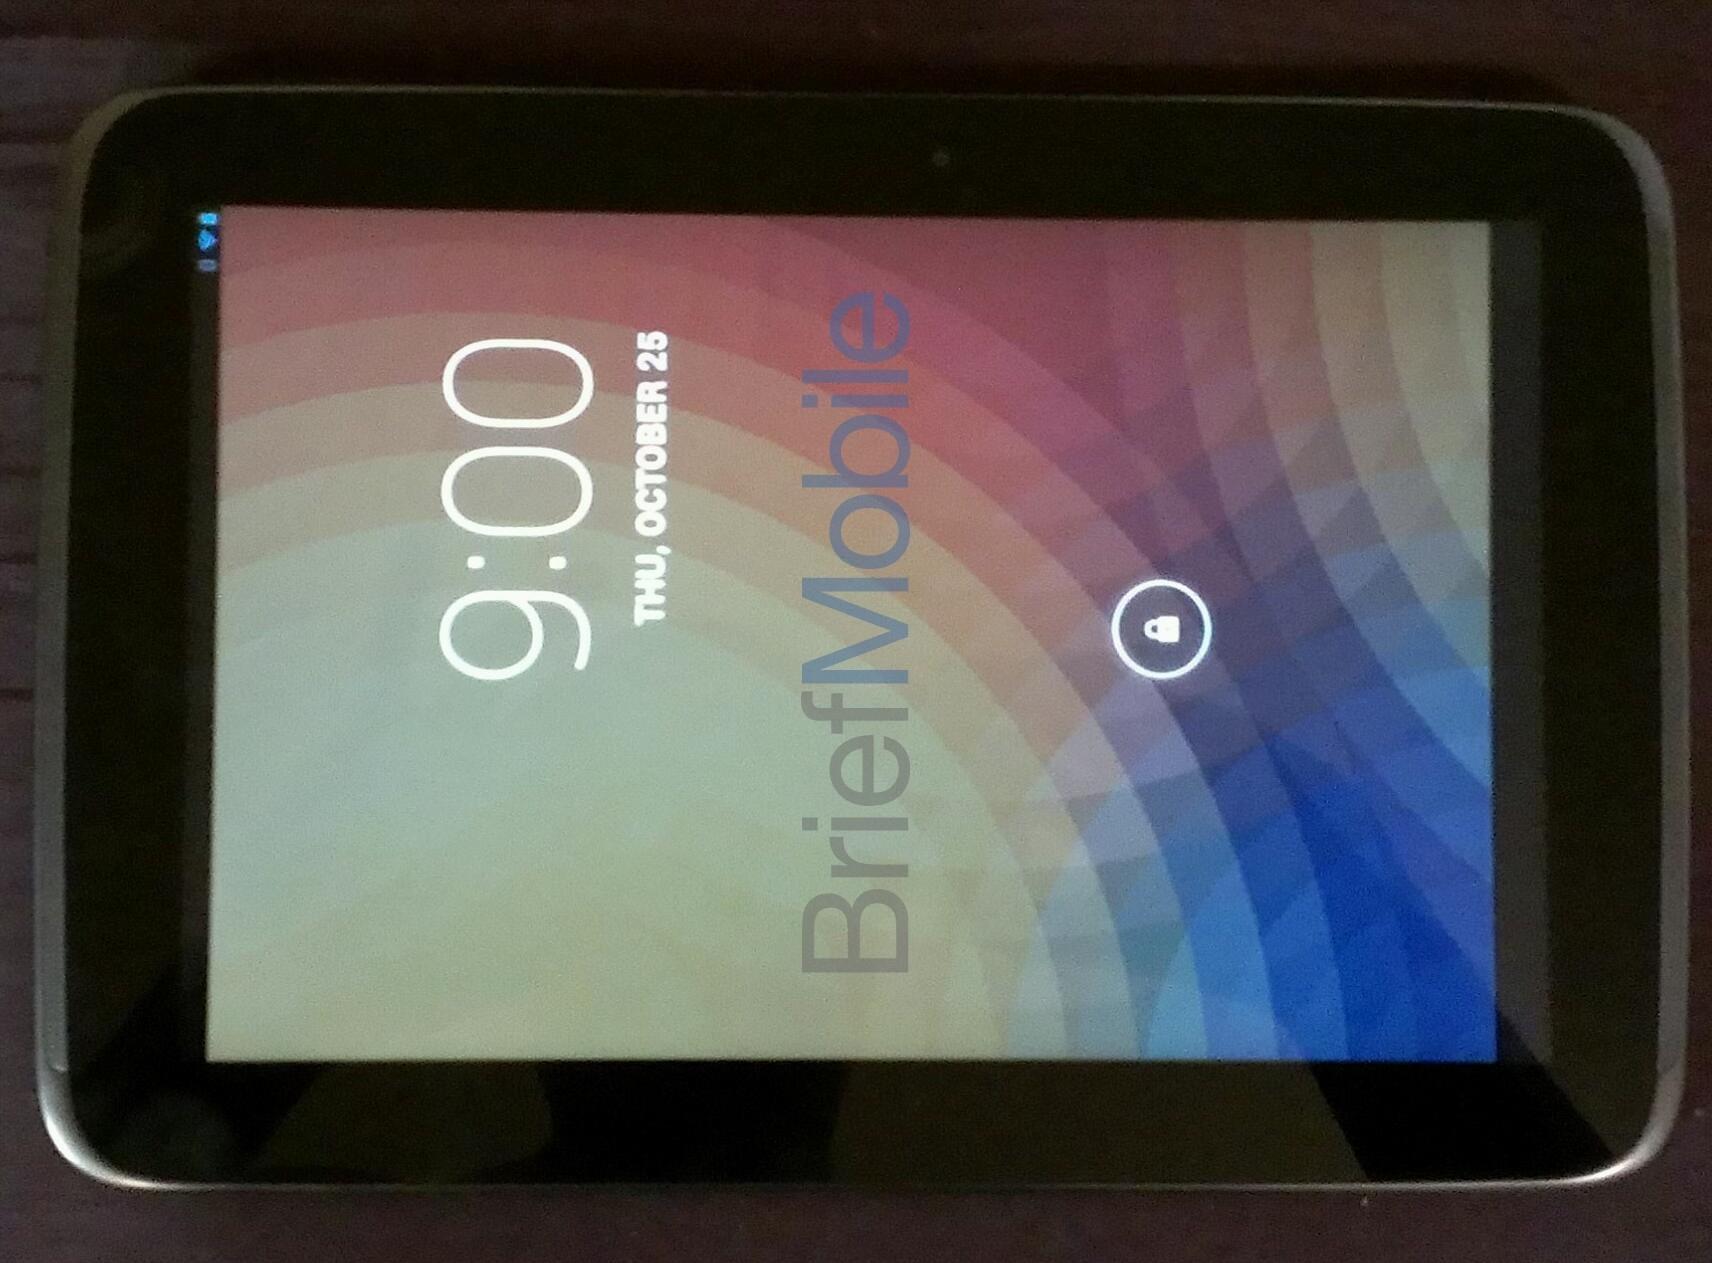 Google Nexus 10 geleakt – Alle Daten zum neuen Android 4.2 Tablet mit Exynos 5250